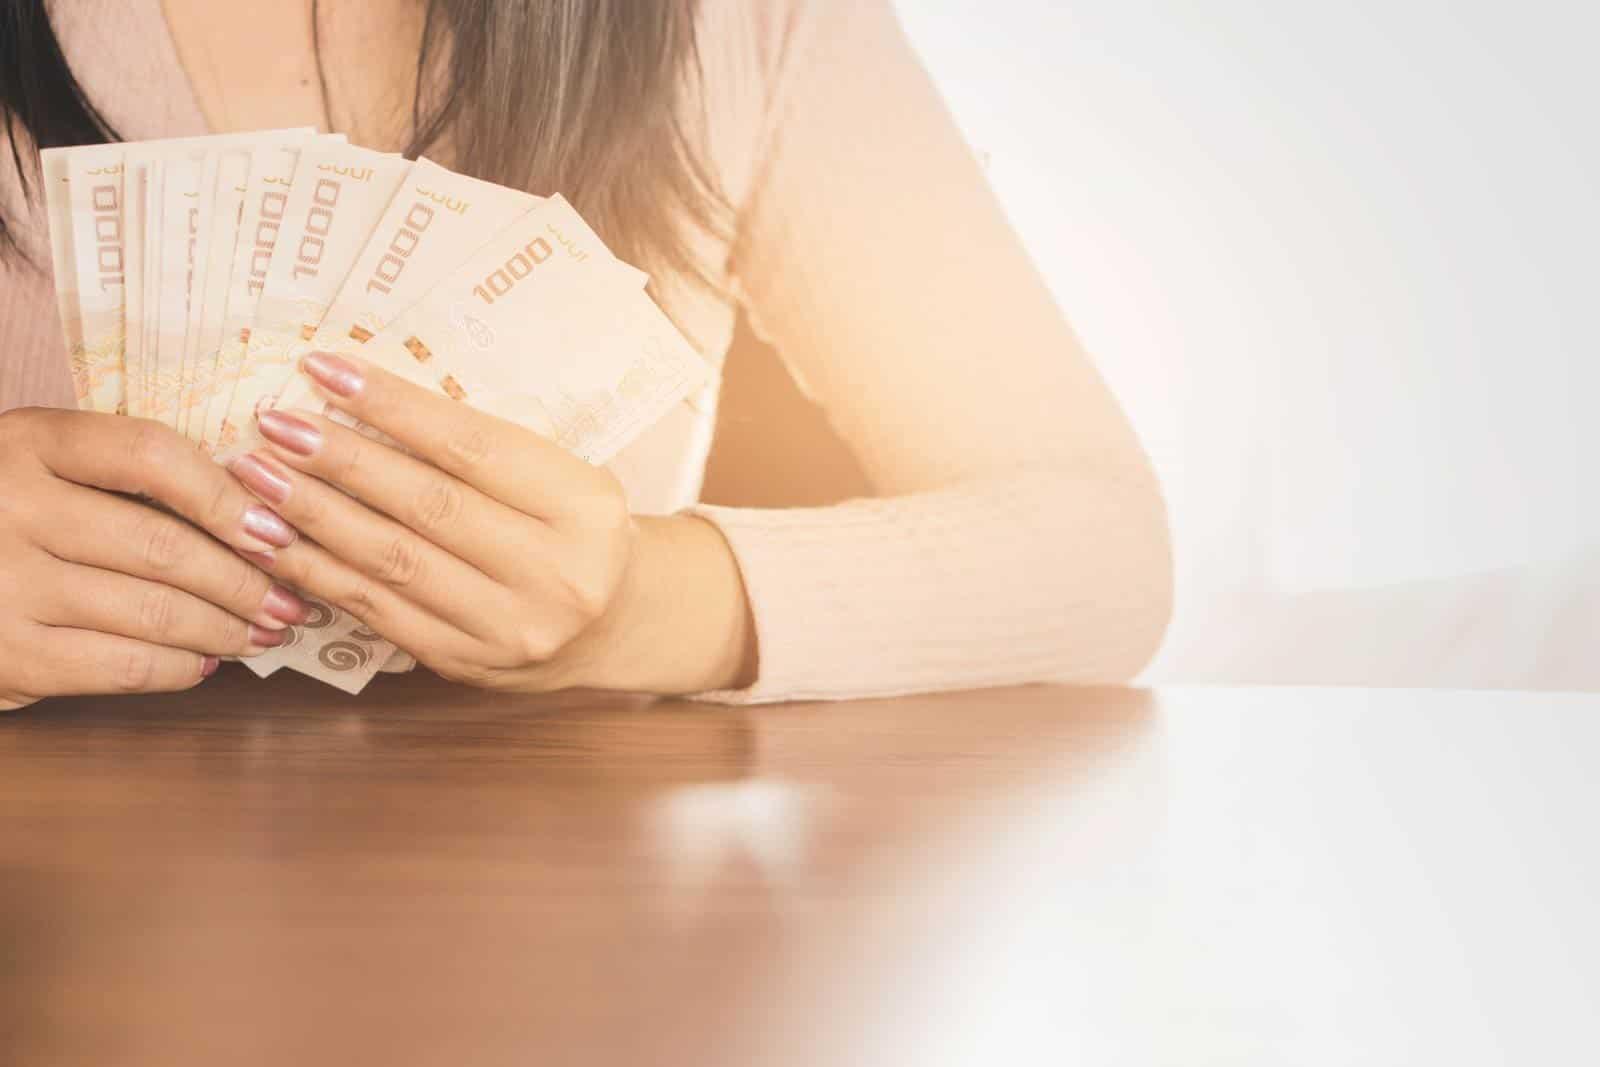 Бърз кредит без лице за контакти